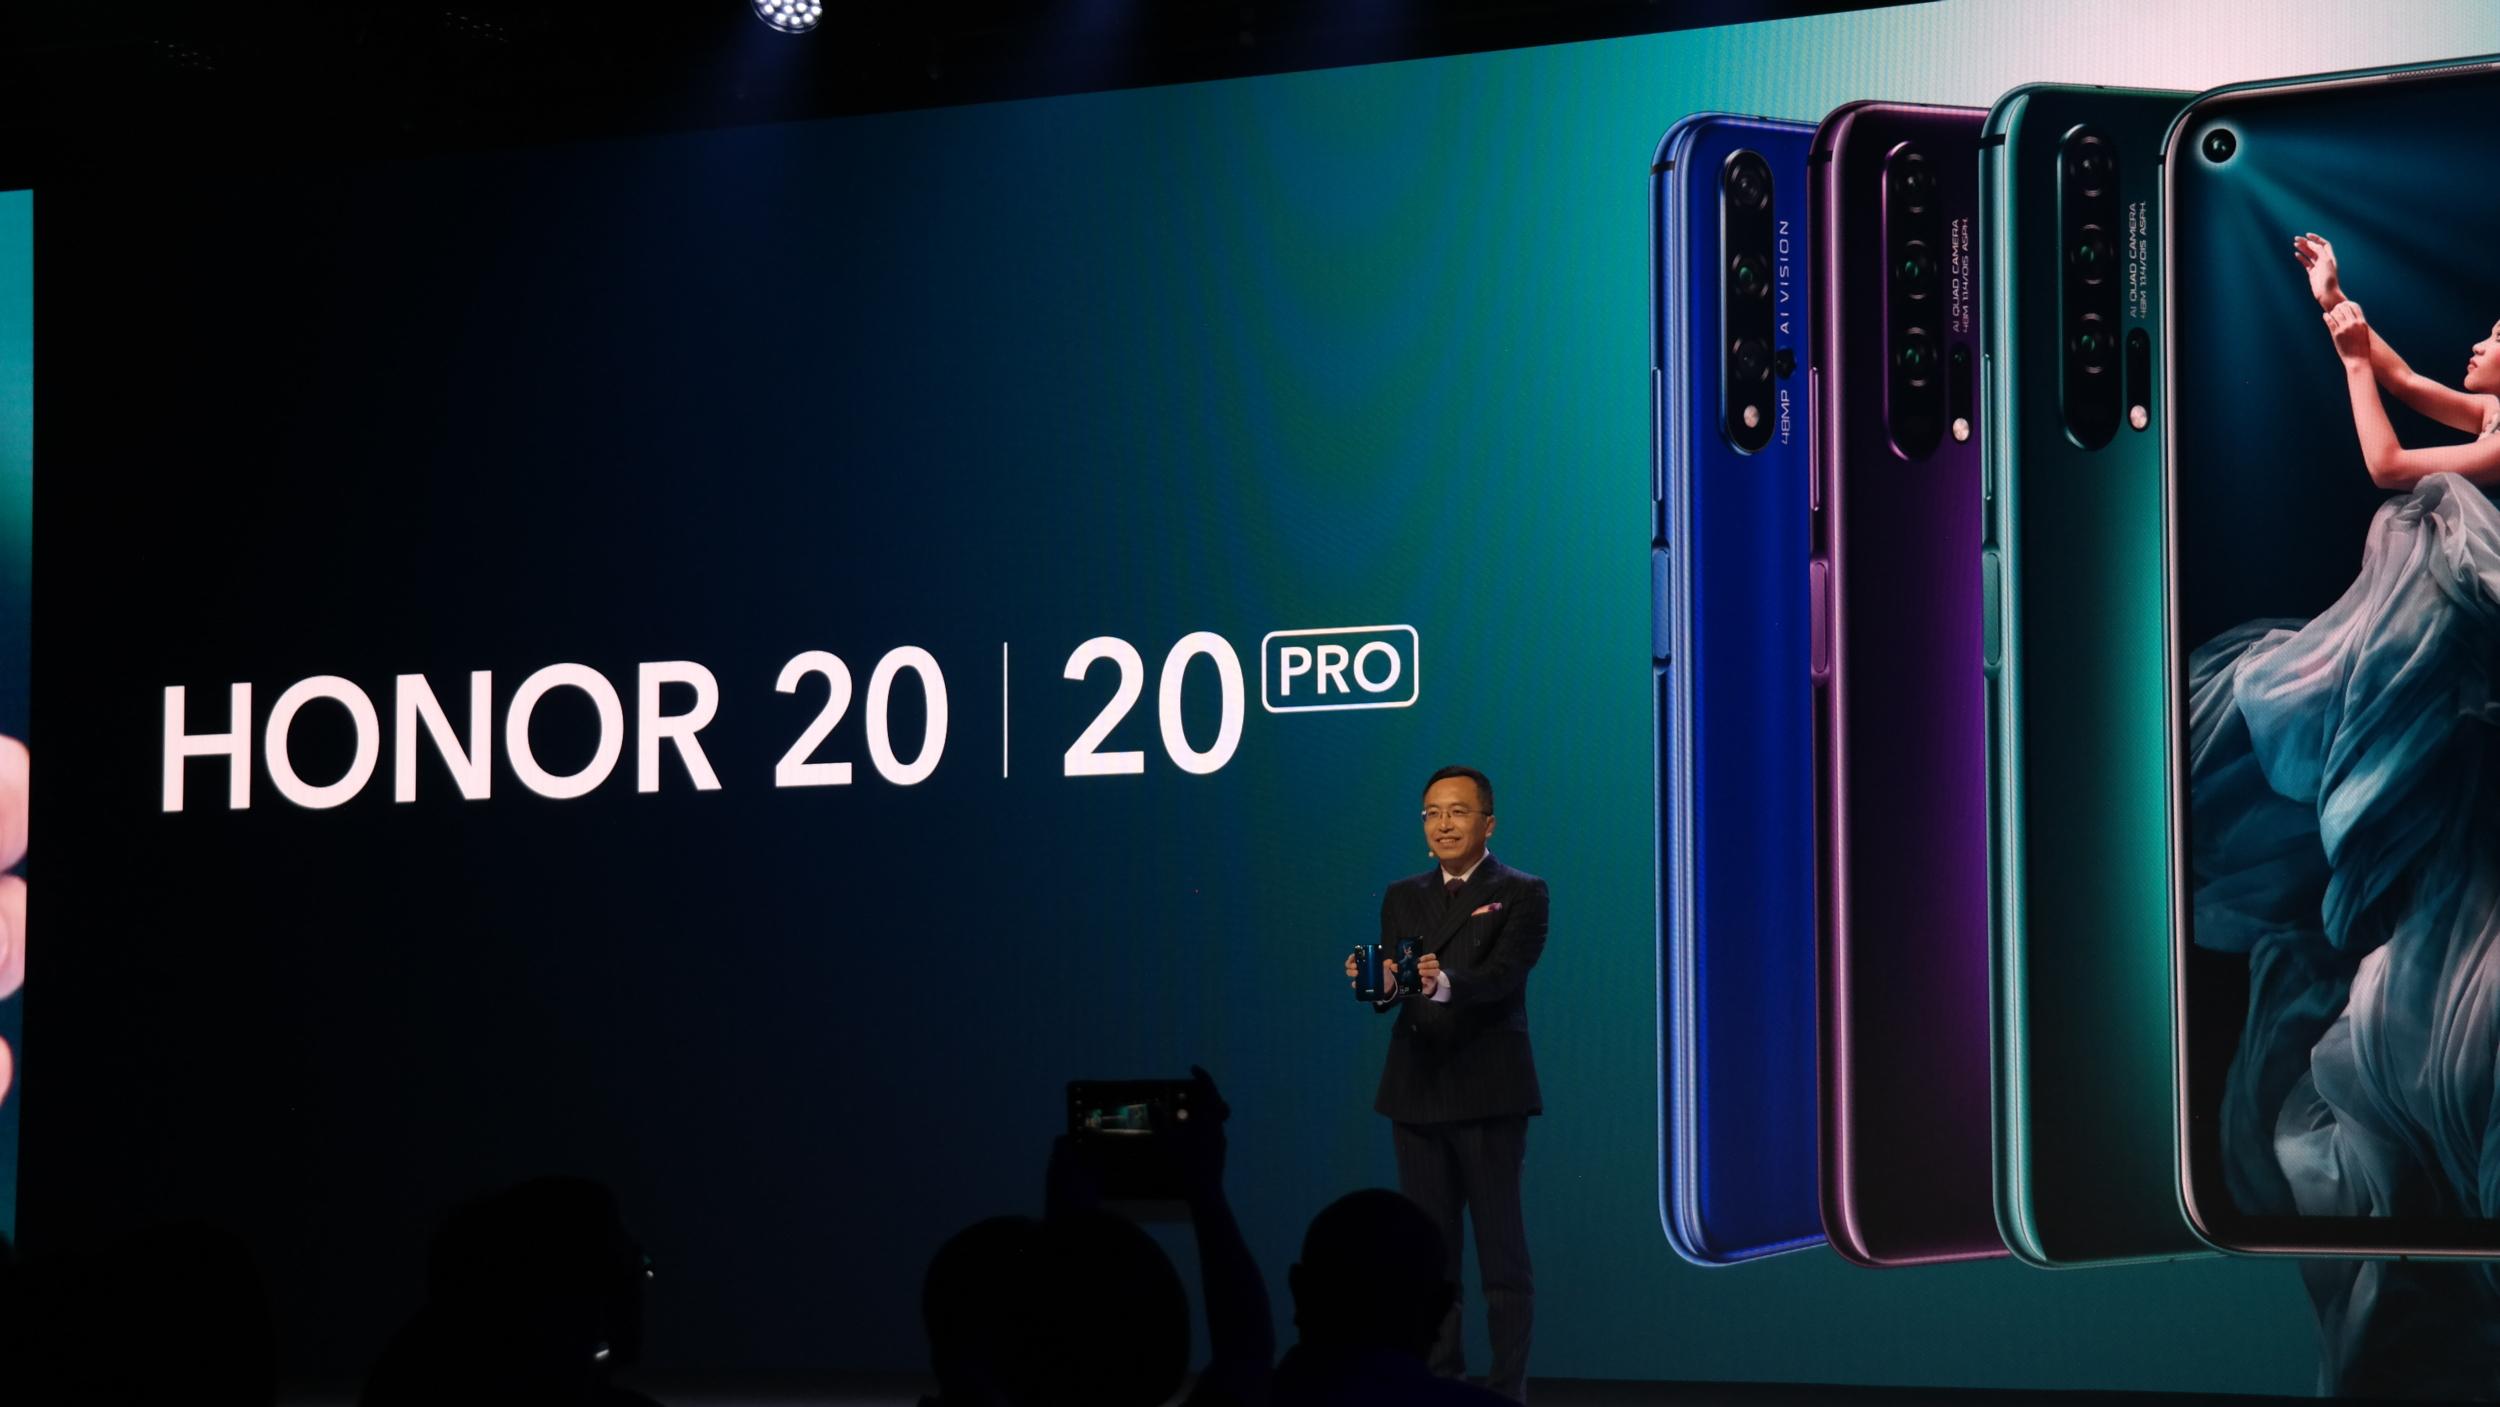 Honor 20 míří na globální trh, Honor 20 Pro možná přijde v červenci [aktualizováno]